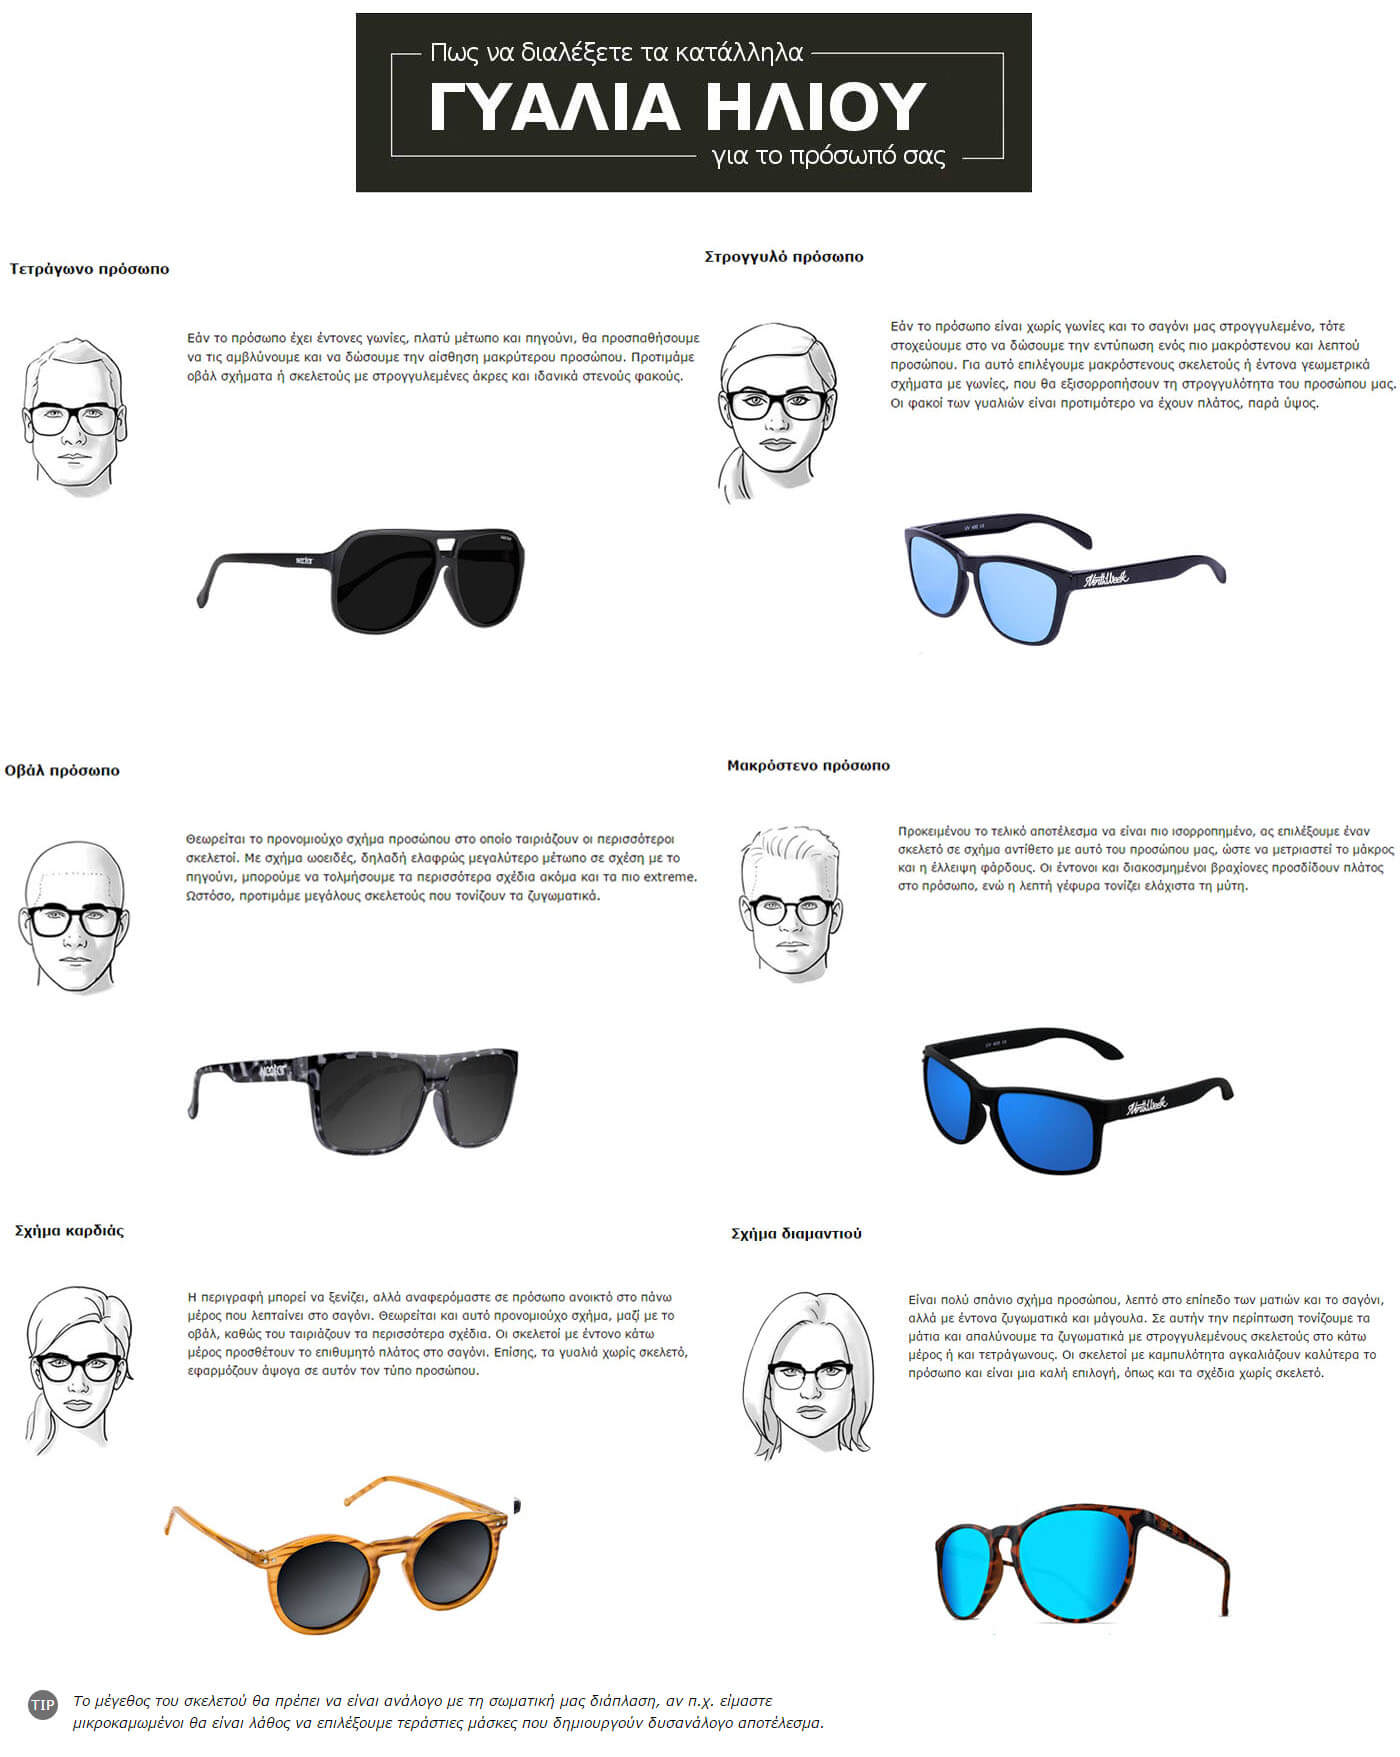 Εδώ θα βρείτε οδηγίες που θα σας βοηθήσουν να διαλέξετε το κατάλληλο  ζευγάρι γυαλιών ηλίου για το πρόσωπο σας! c4874ed6d59